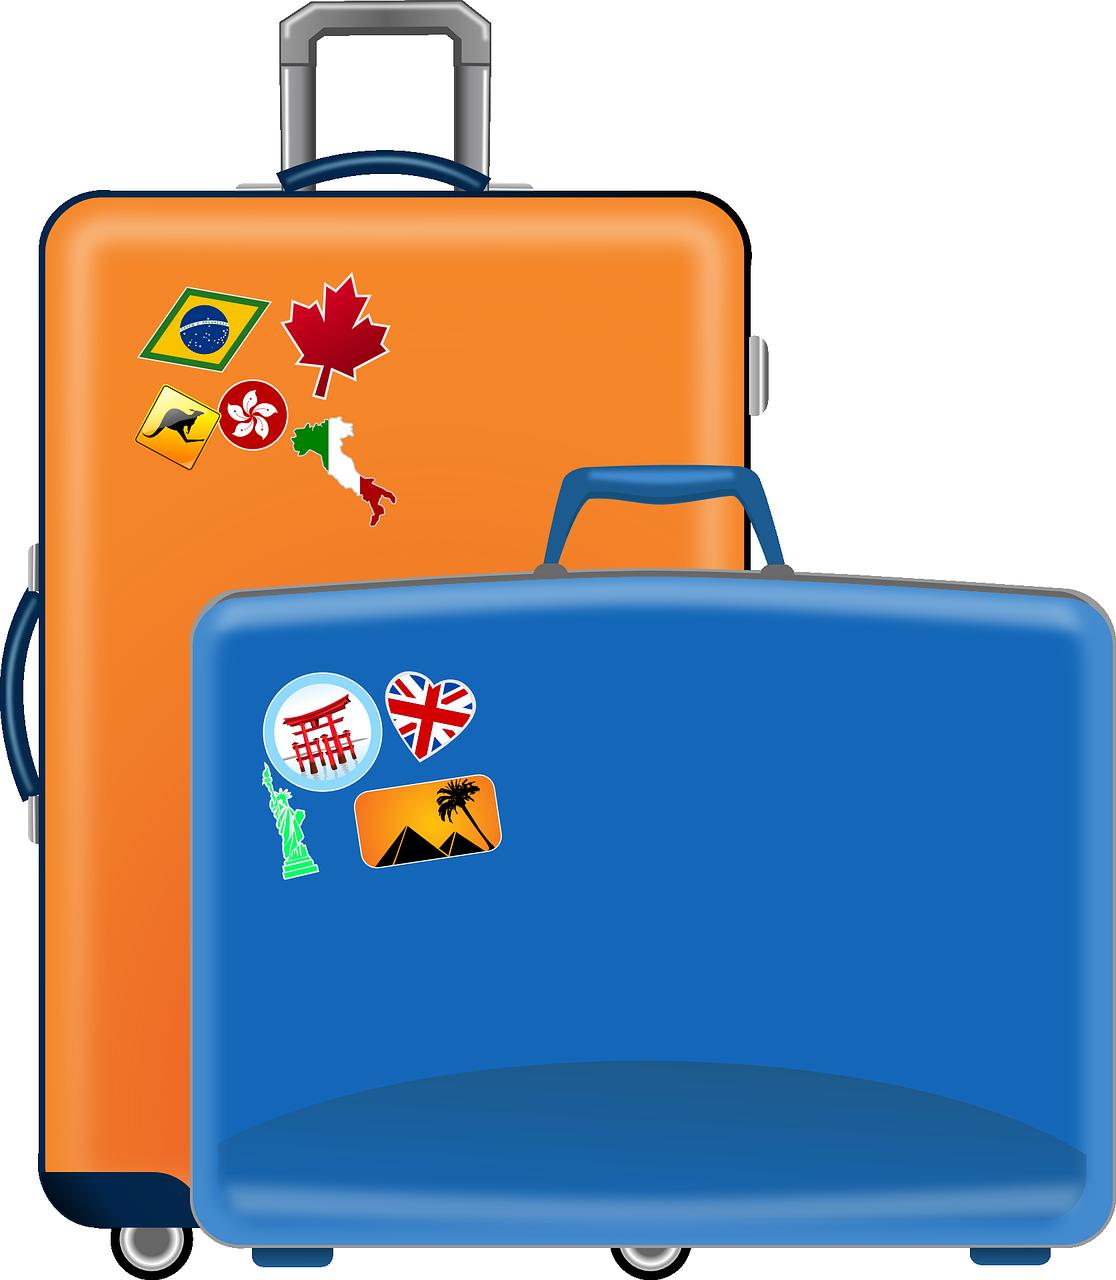 סוגים של מזוודות